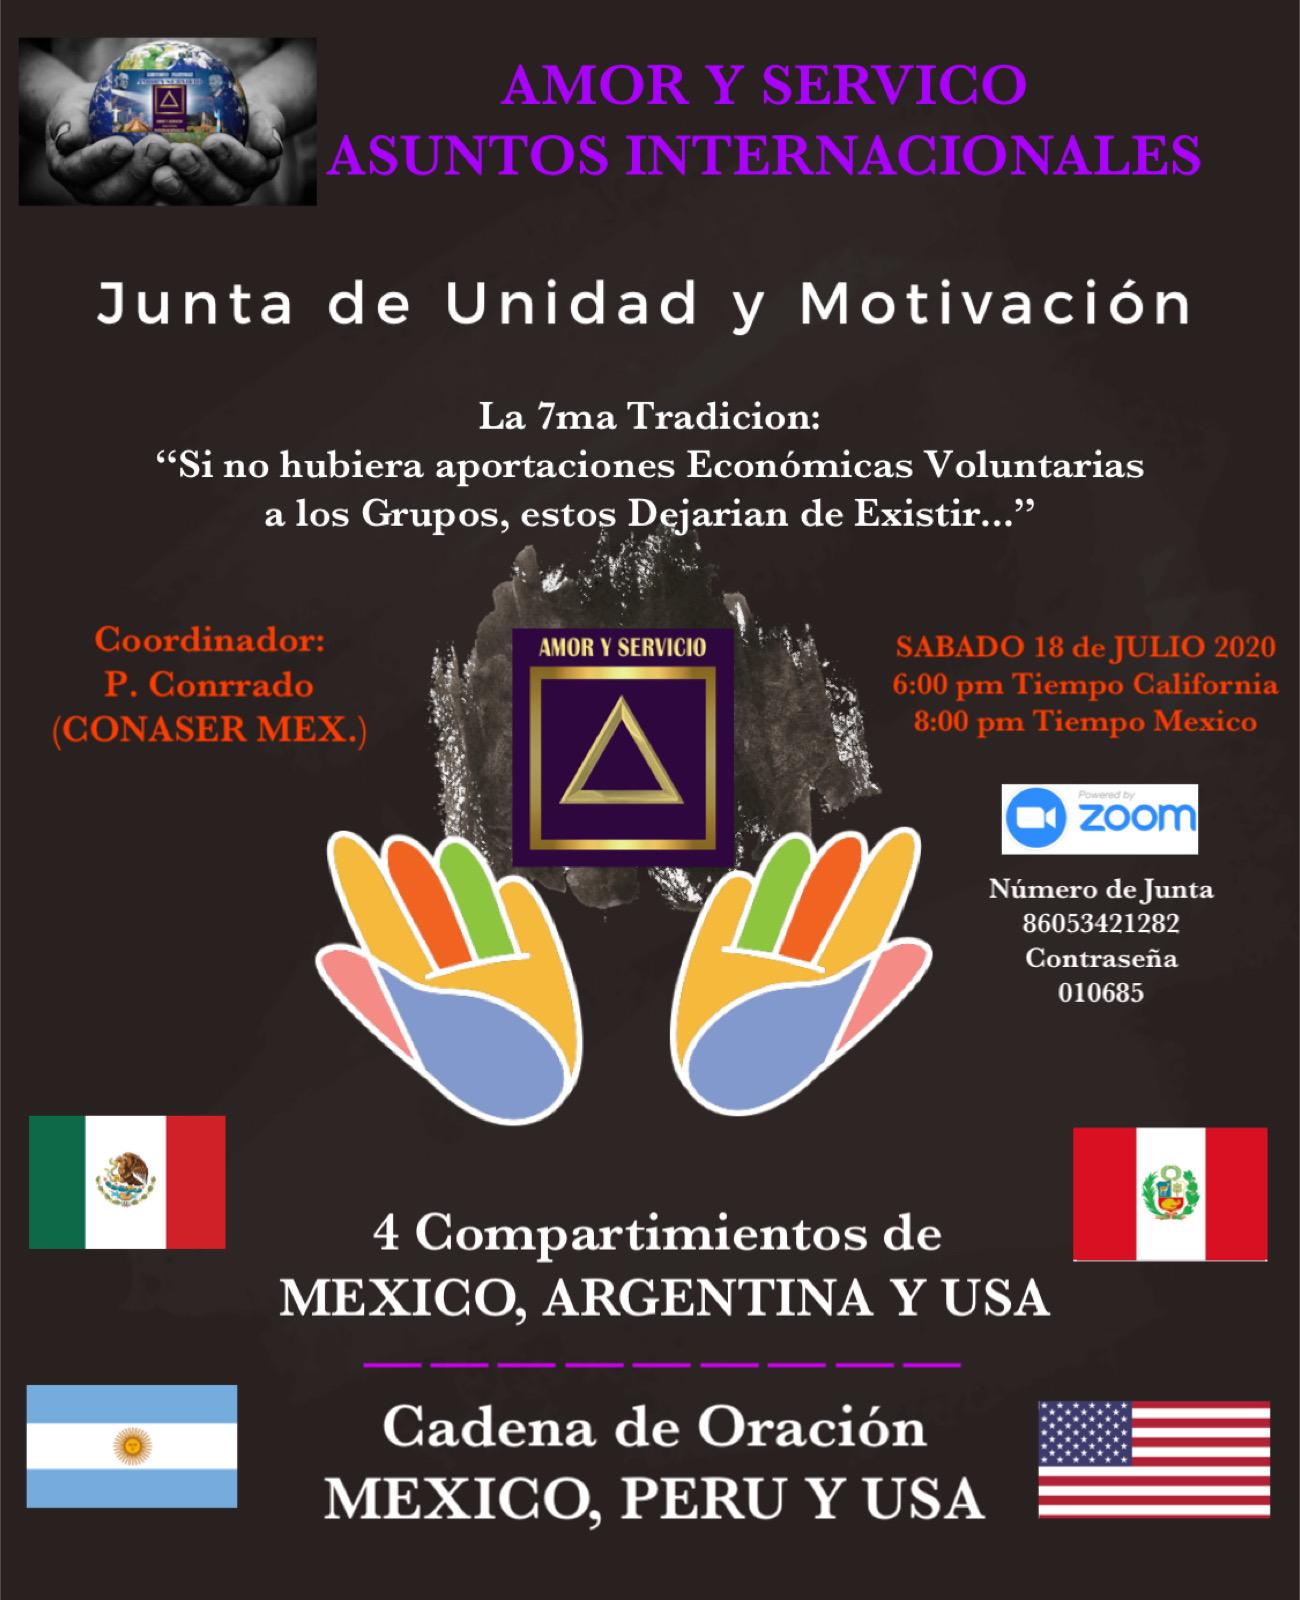 Junta de Unidad y Motivacion